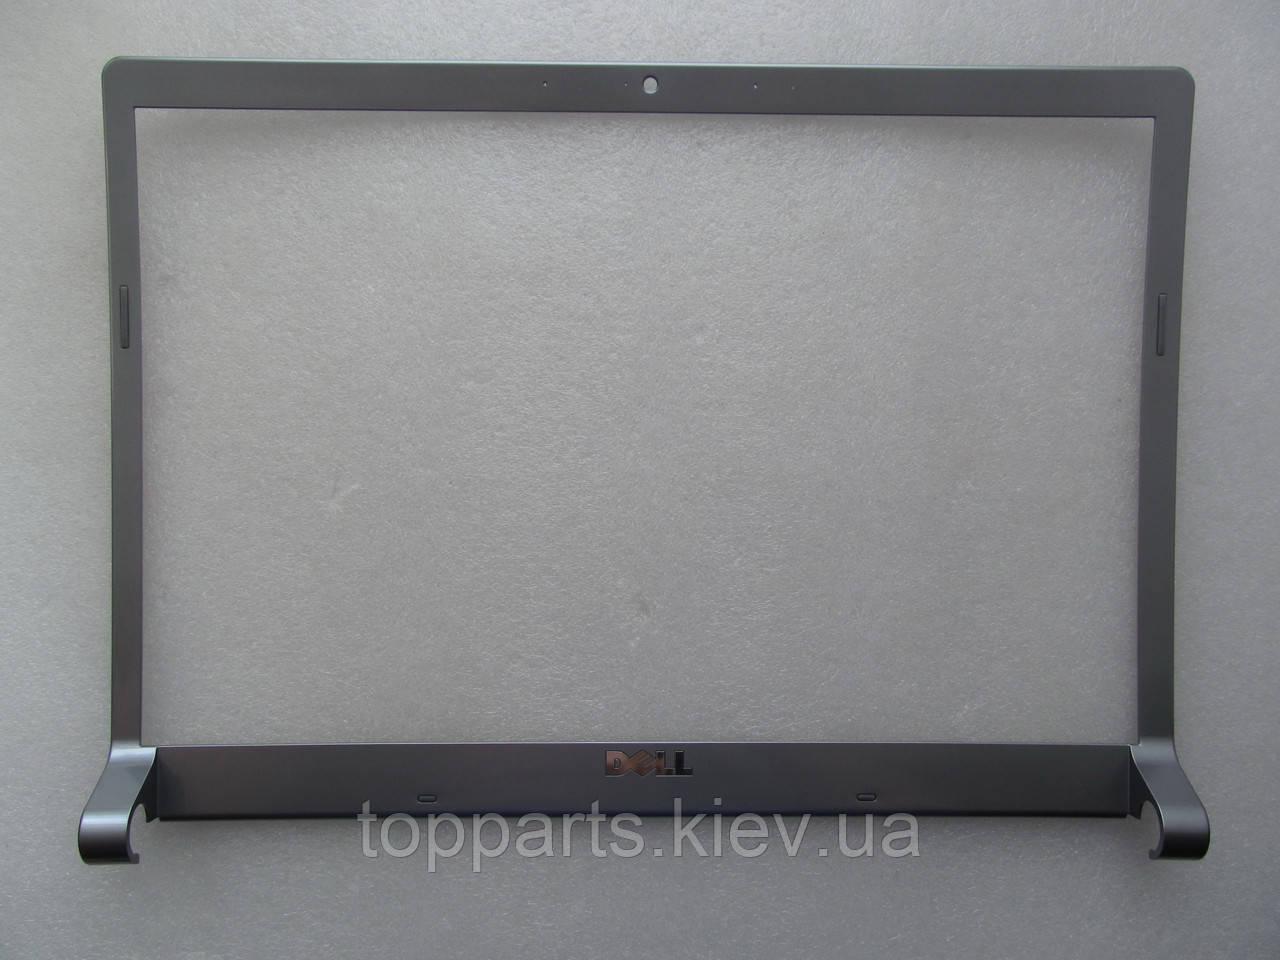 Рамка матрицы дисплея для Dell Studio 1535, 1536, 1537, 0M135C BEZEL с